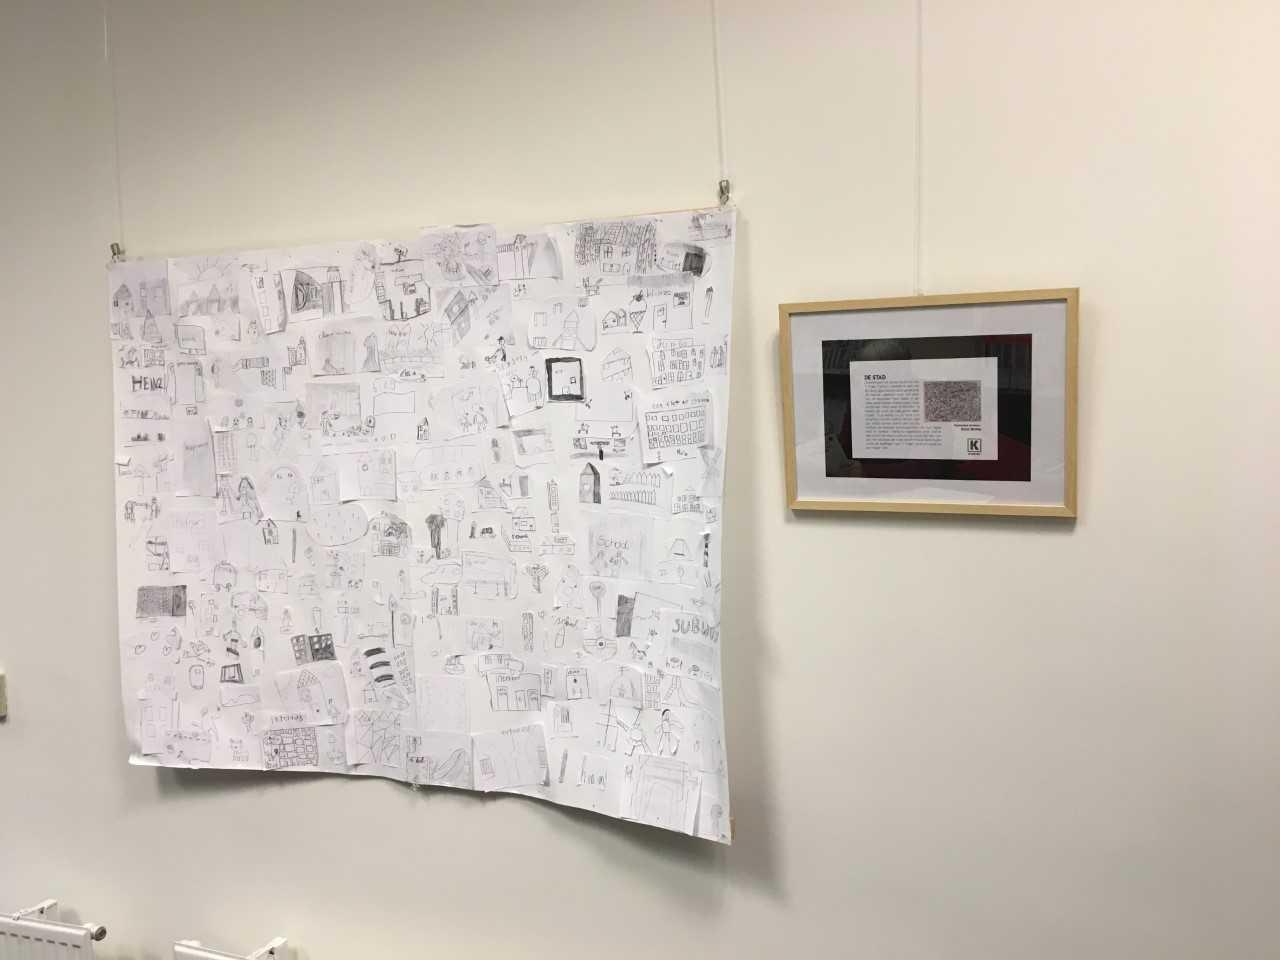 Tentoonstelling in de bieb in samenwerking met KADE40